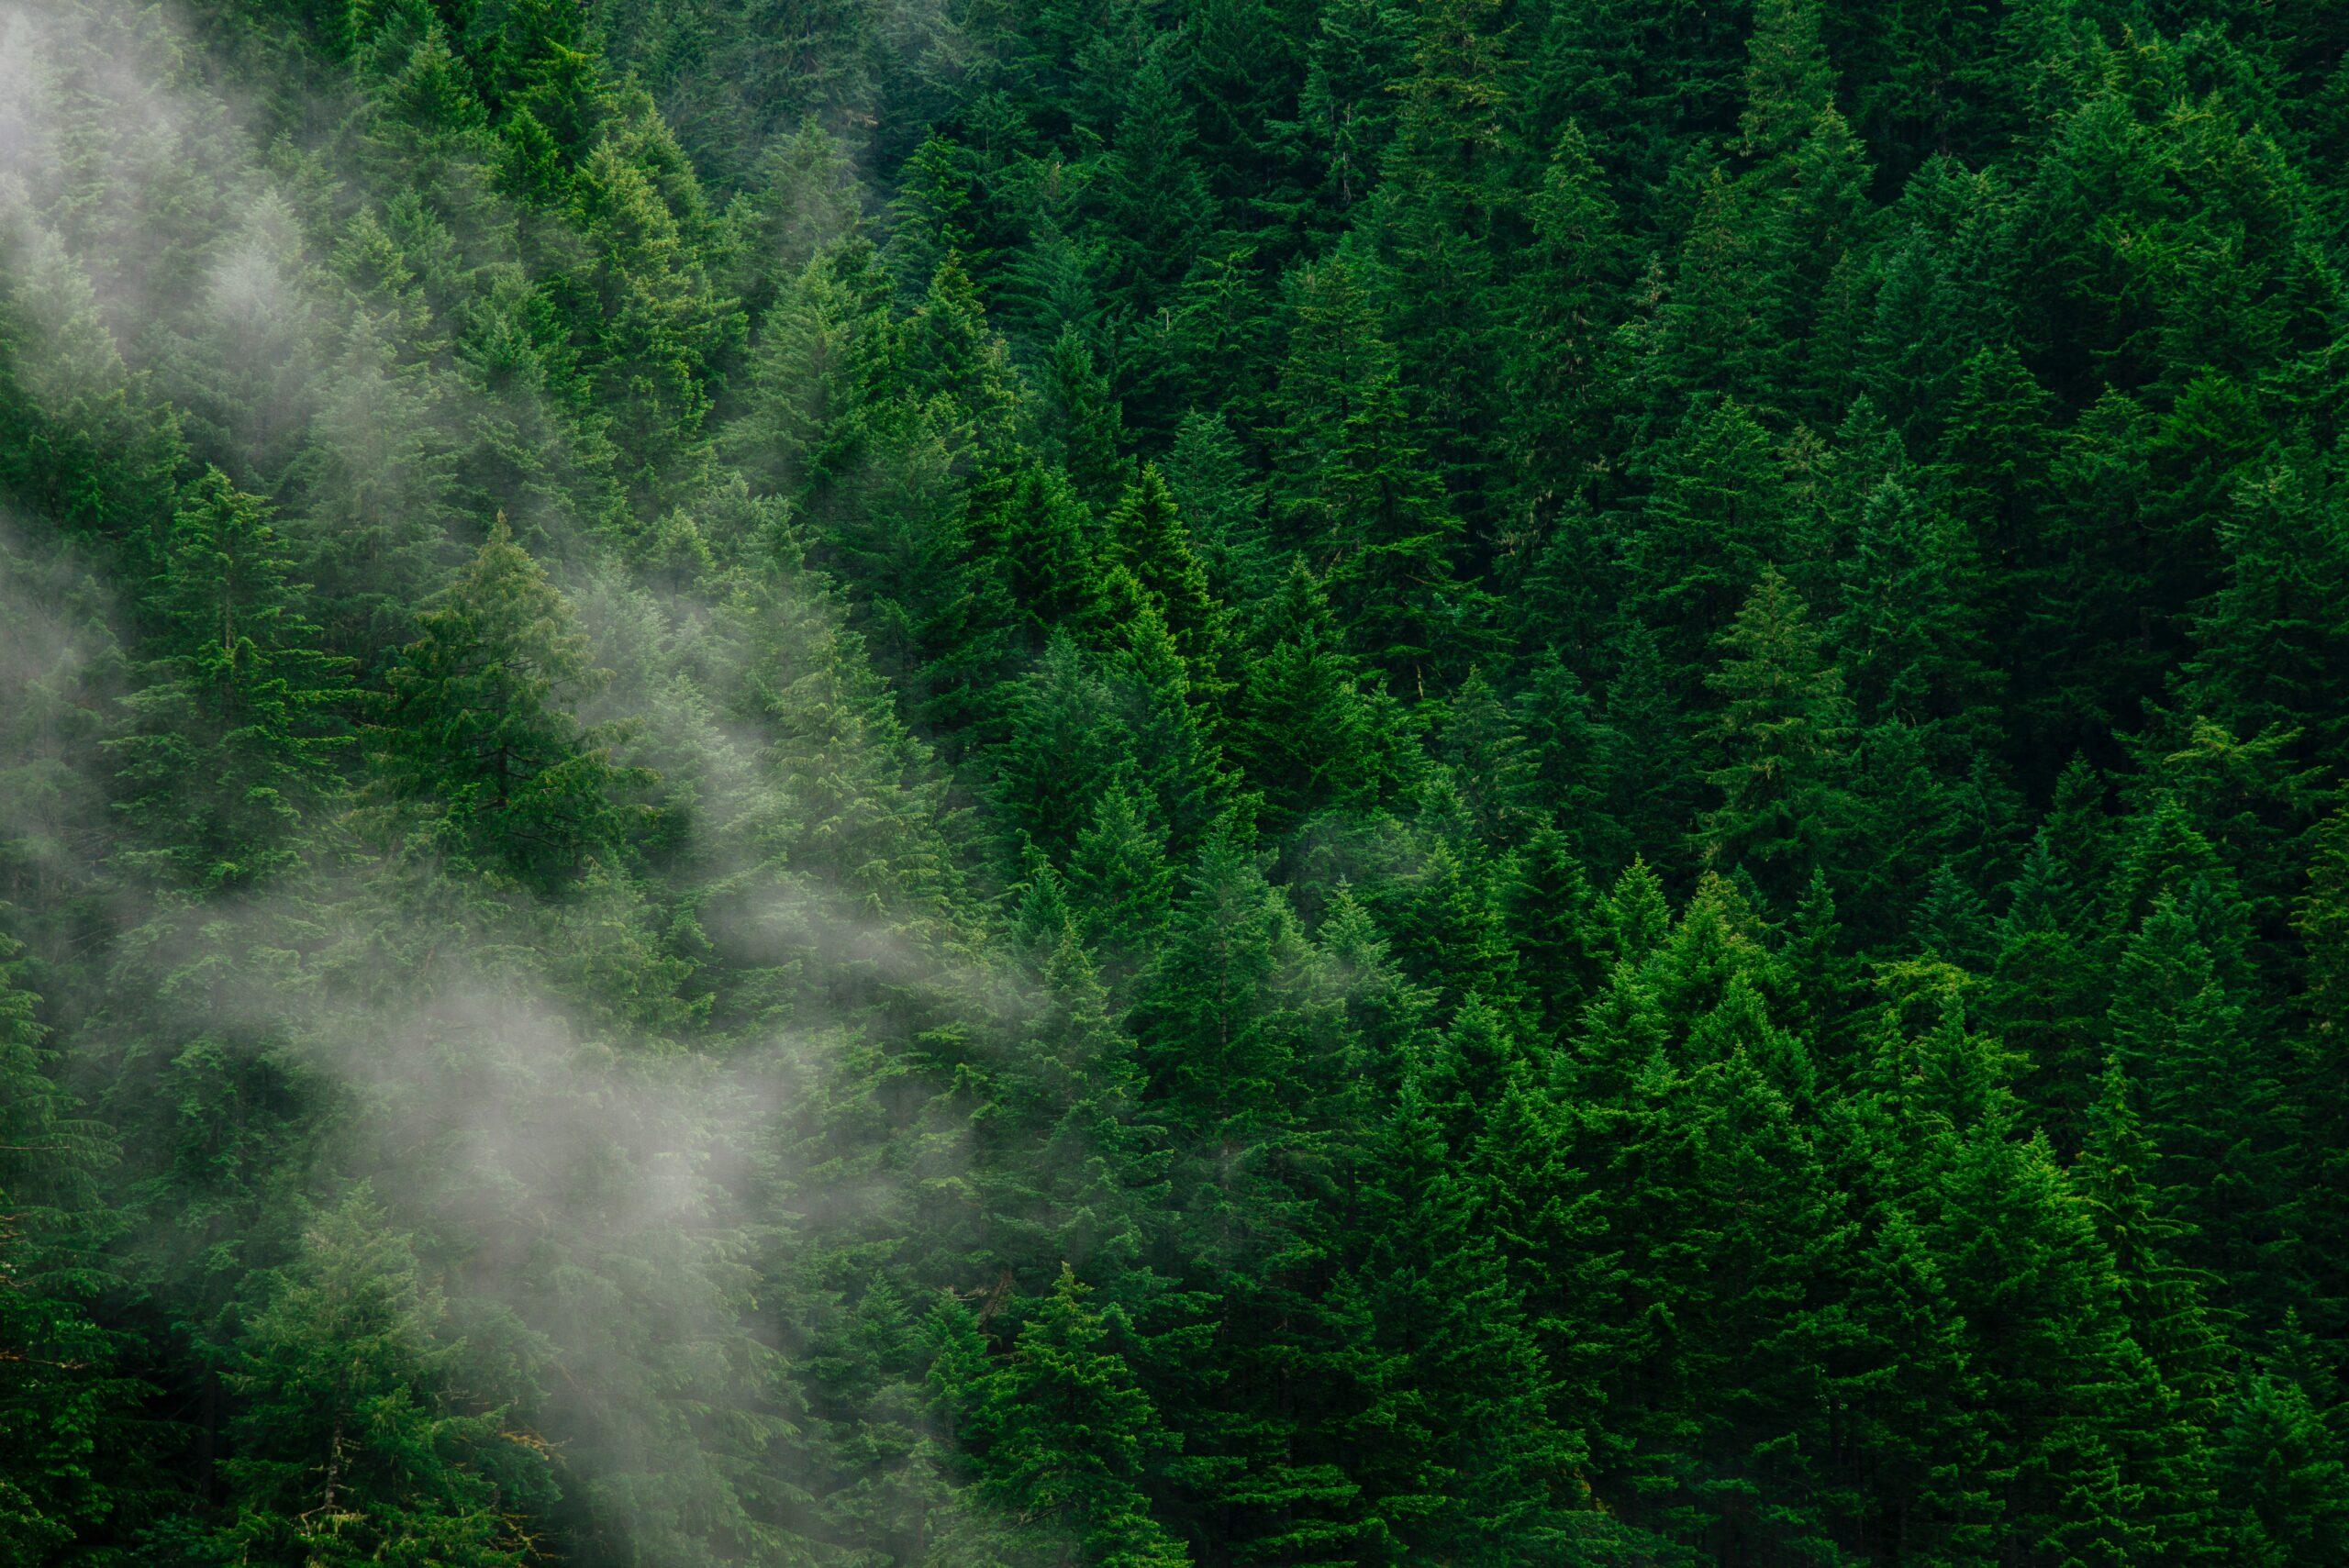 日本の森林における問題